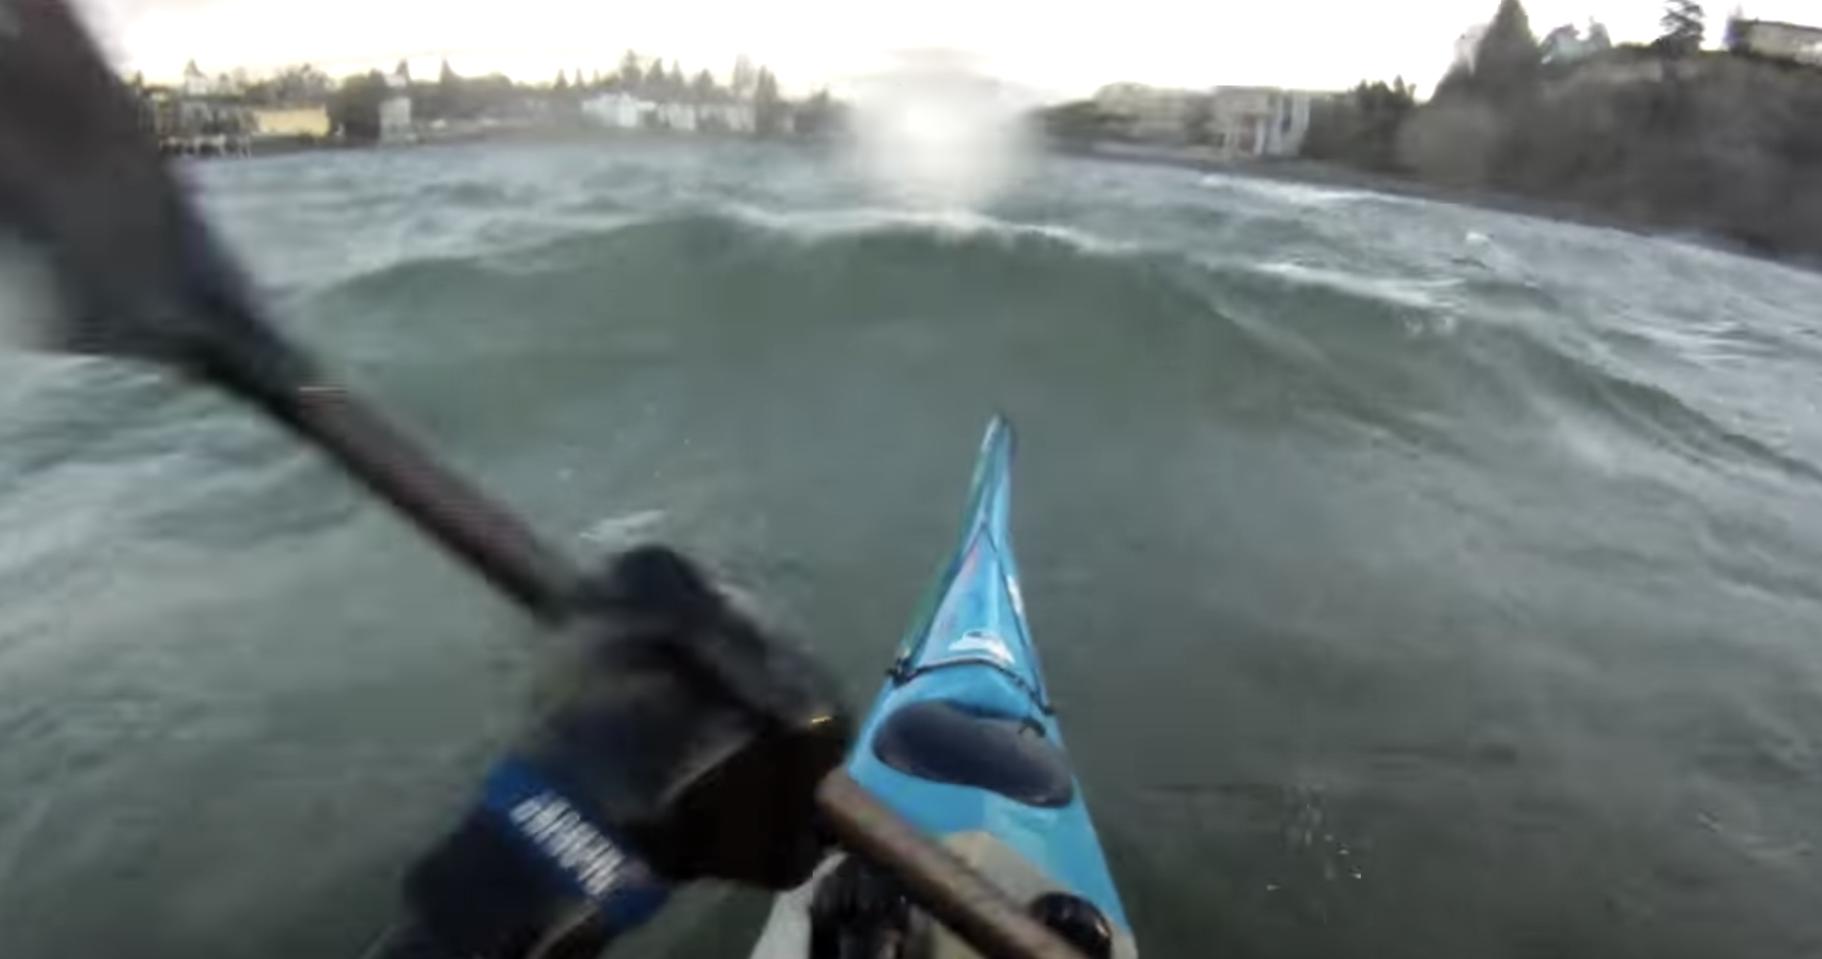 Downwinding Shilshole Bay in Seattle